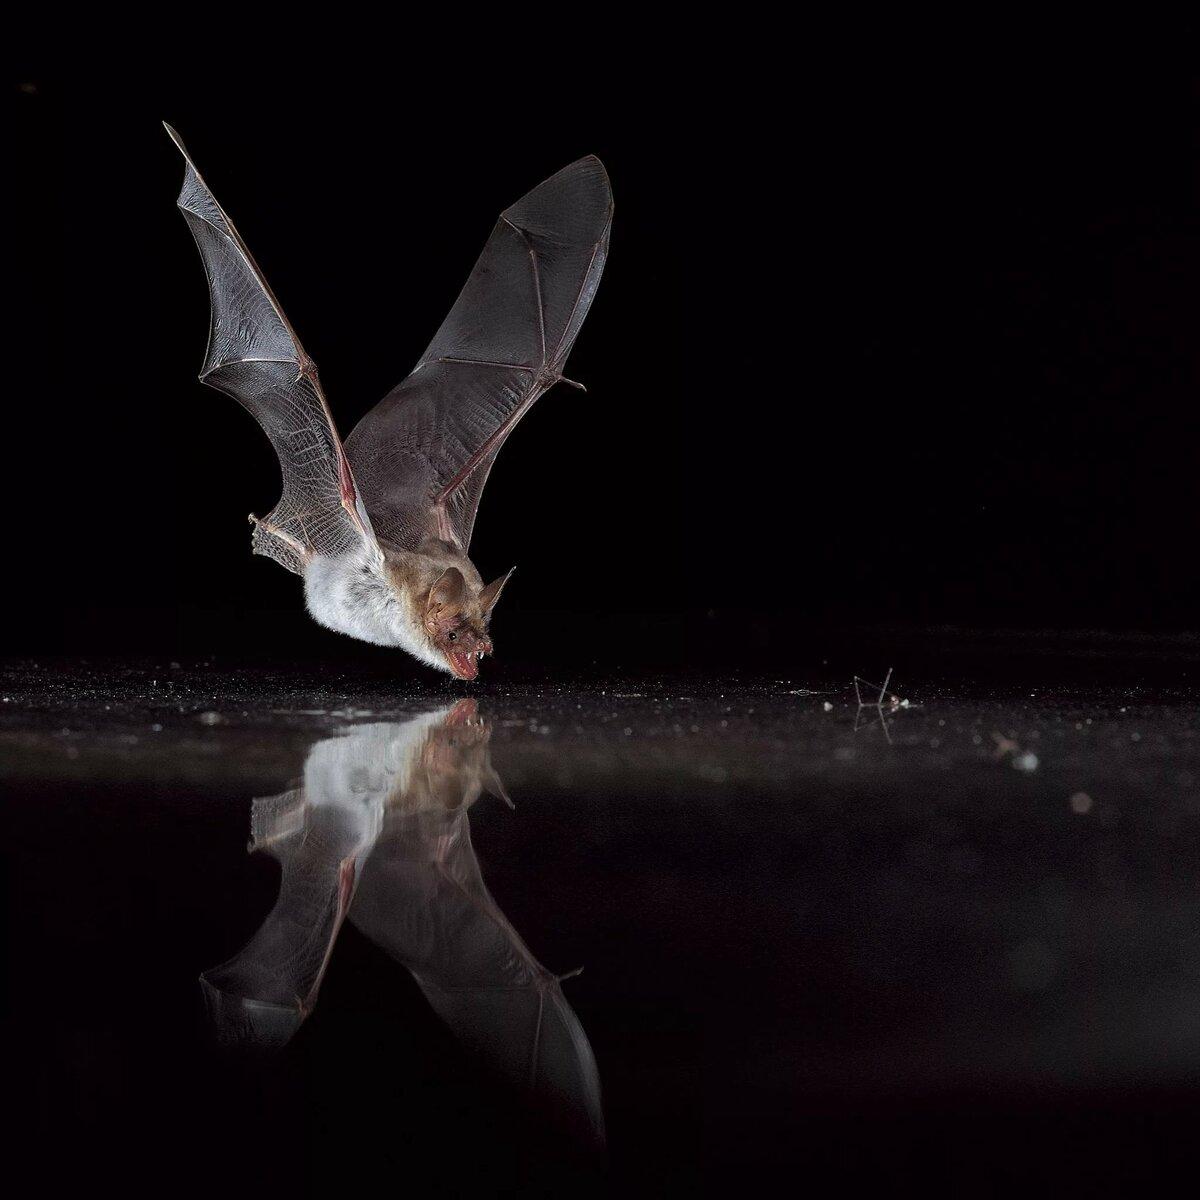 картинки темных пещерах ориентируются в полете с помощью шот помощью